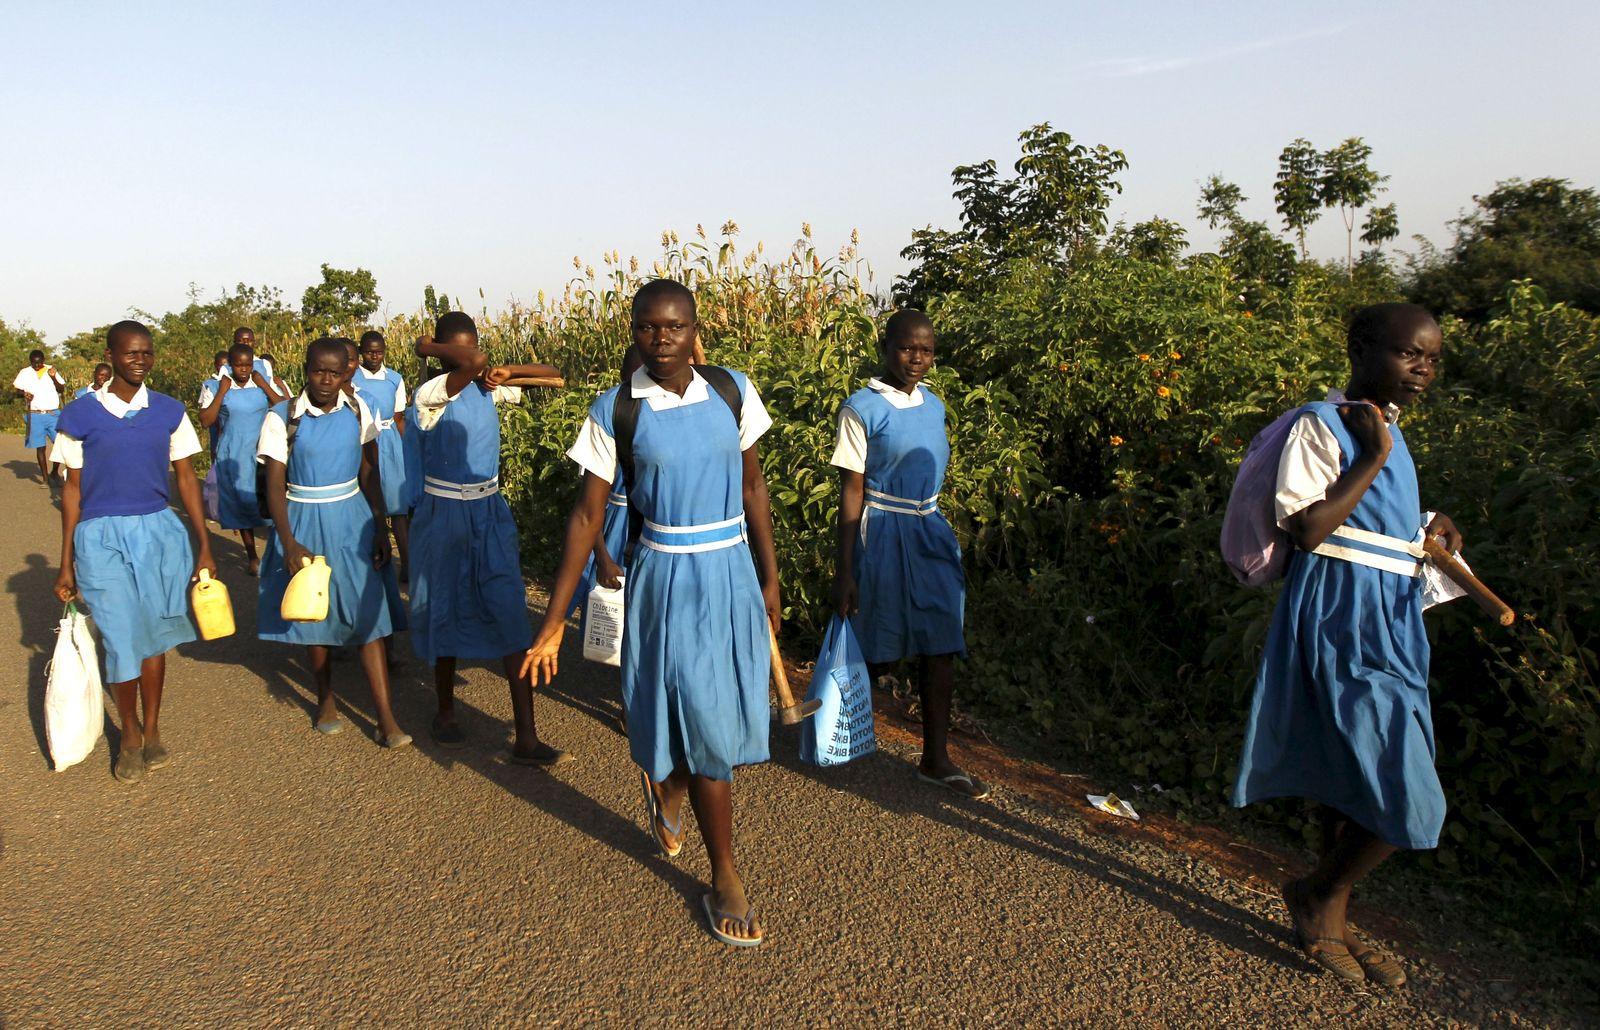 Schüler / Afrika